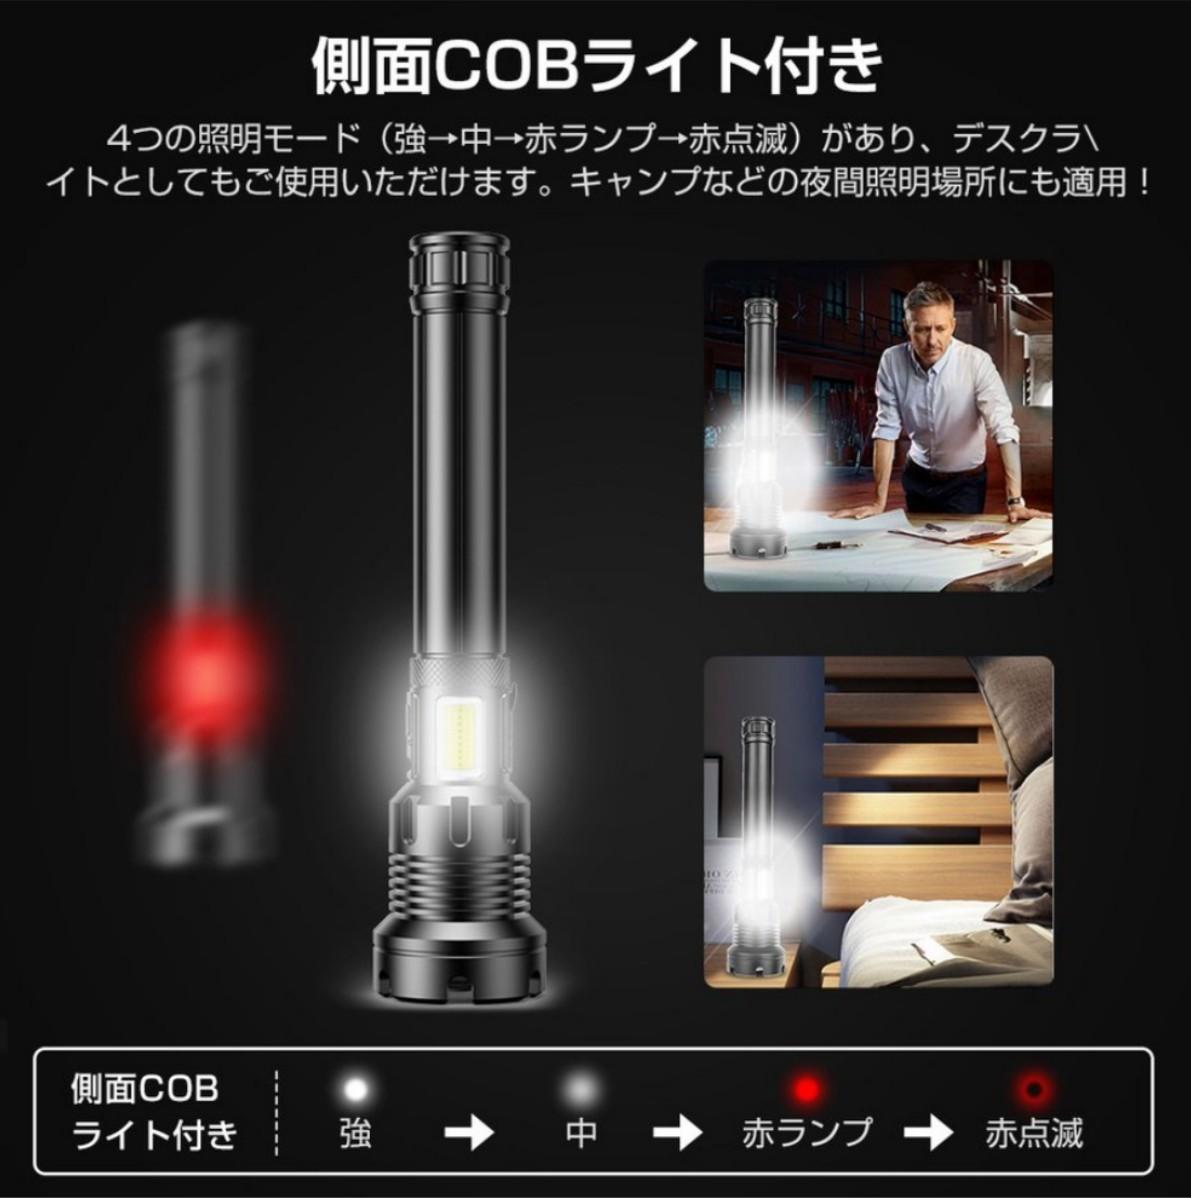 懐中電灯 USB充電式 防犯 LEDライト 防水 アウトドア 地震 防災 高輝度